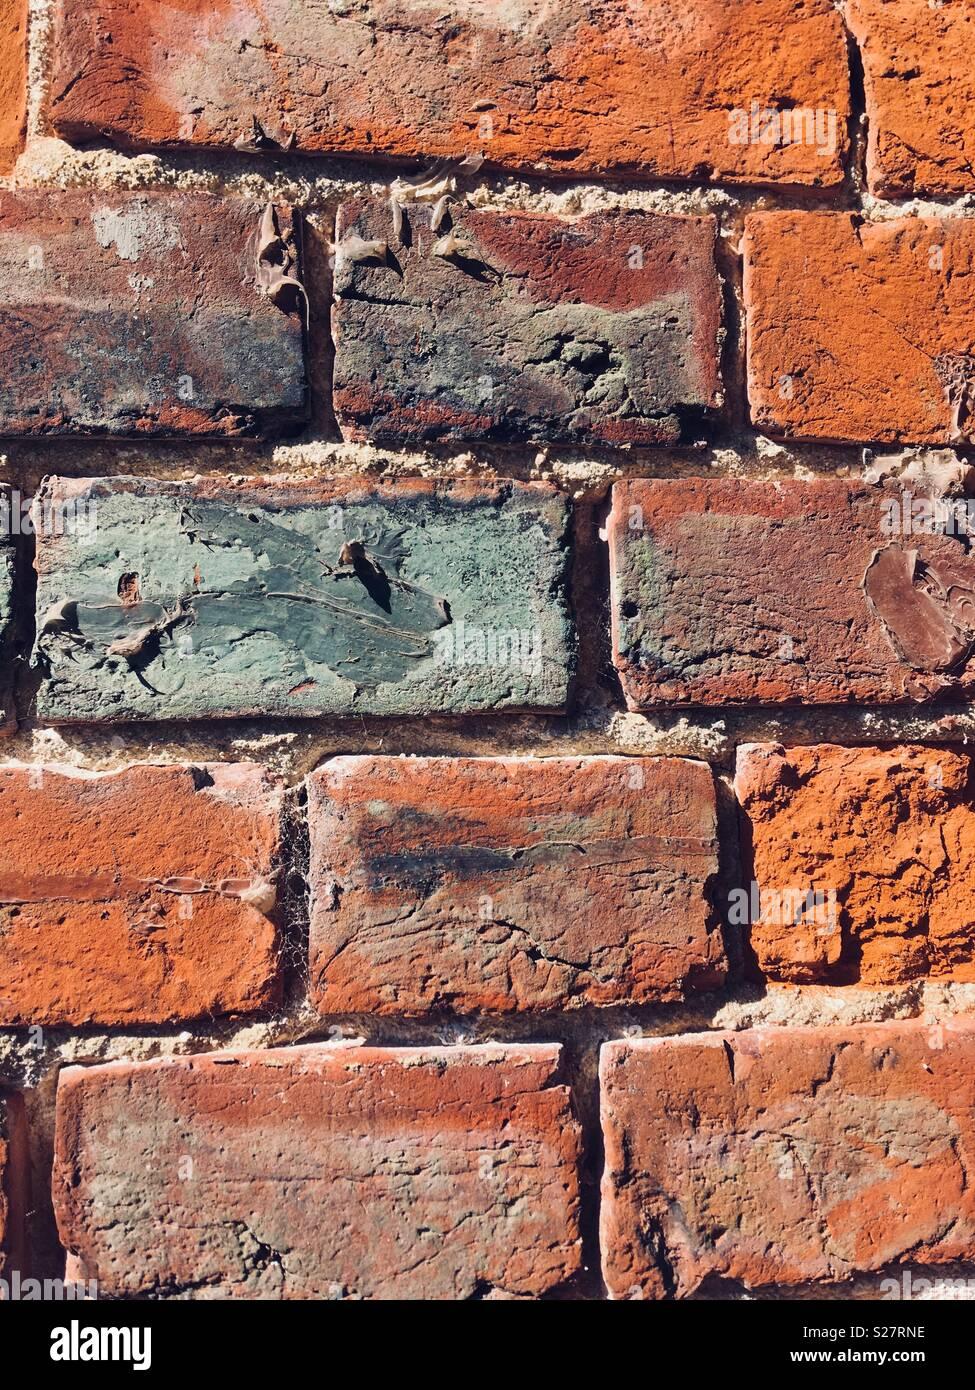 In mattoni in stile vittoriano che indica la sua età con segni di danni e vernice aggiunto Immagini Stock